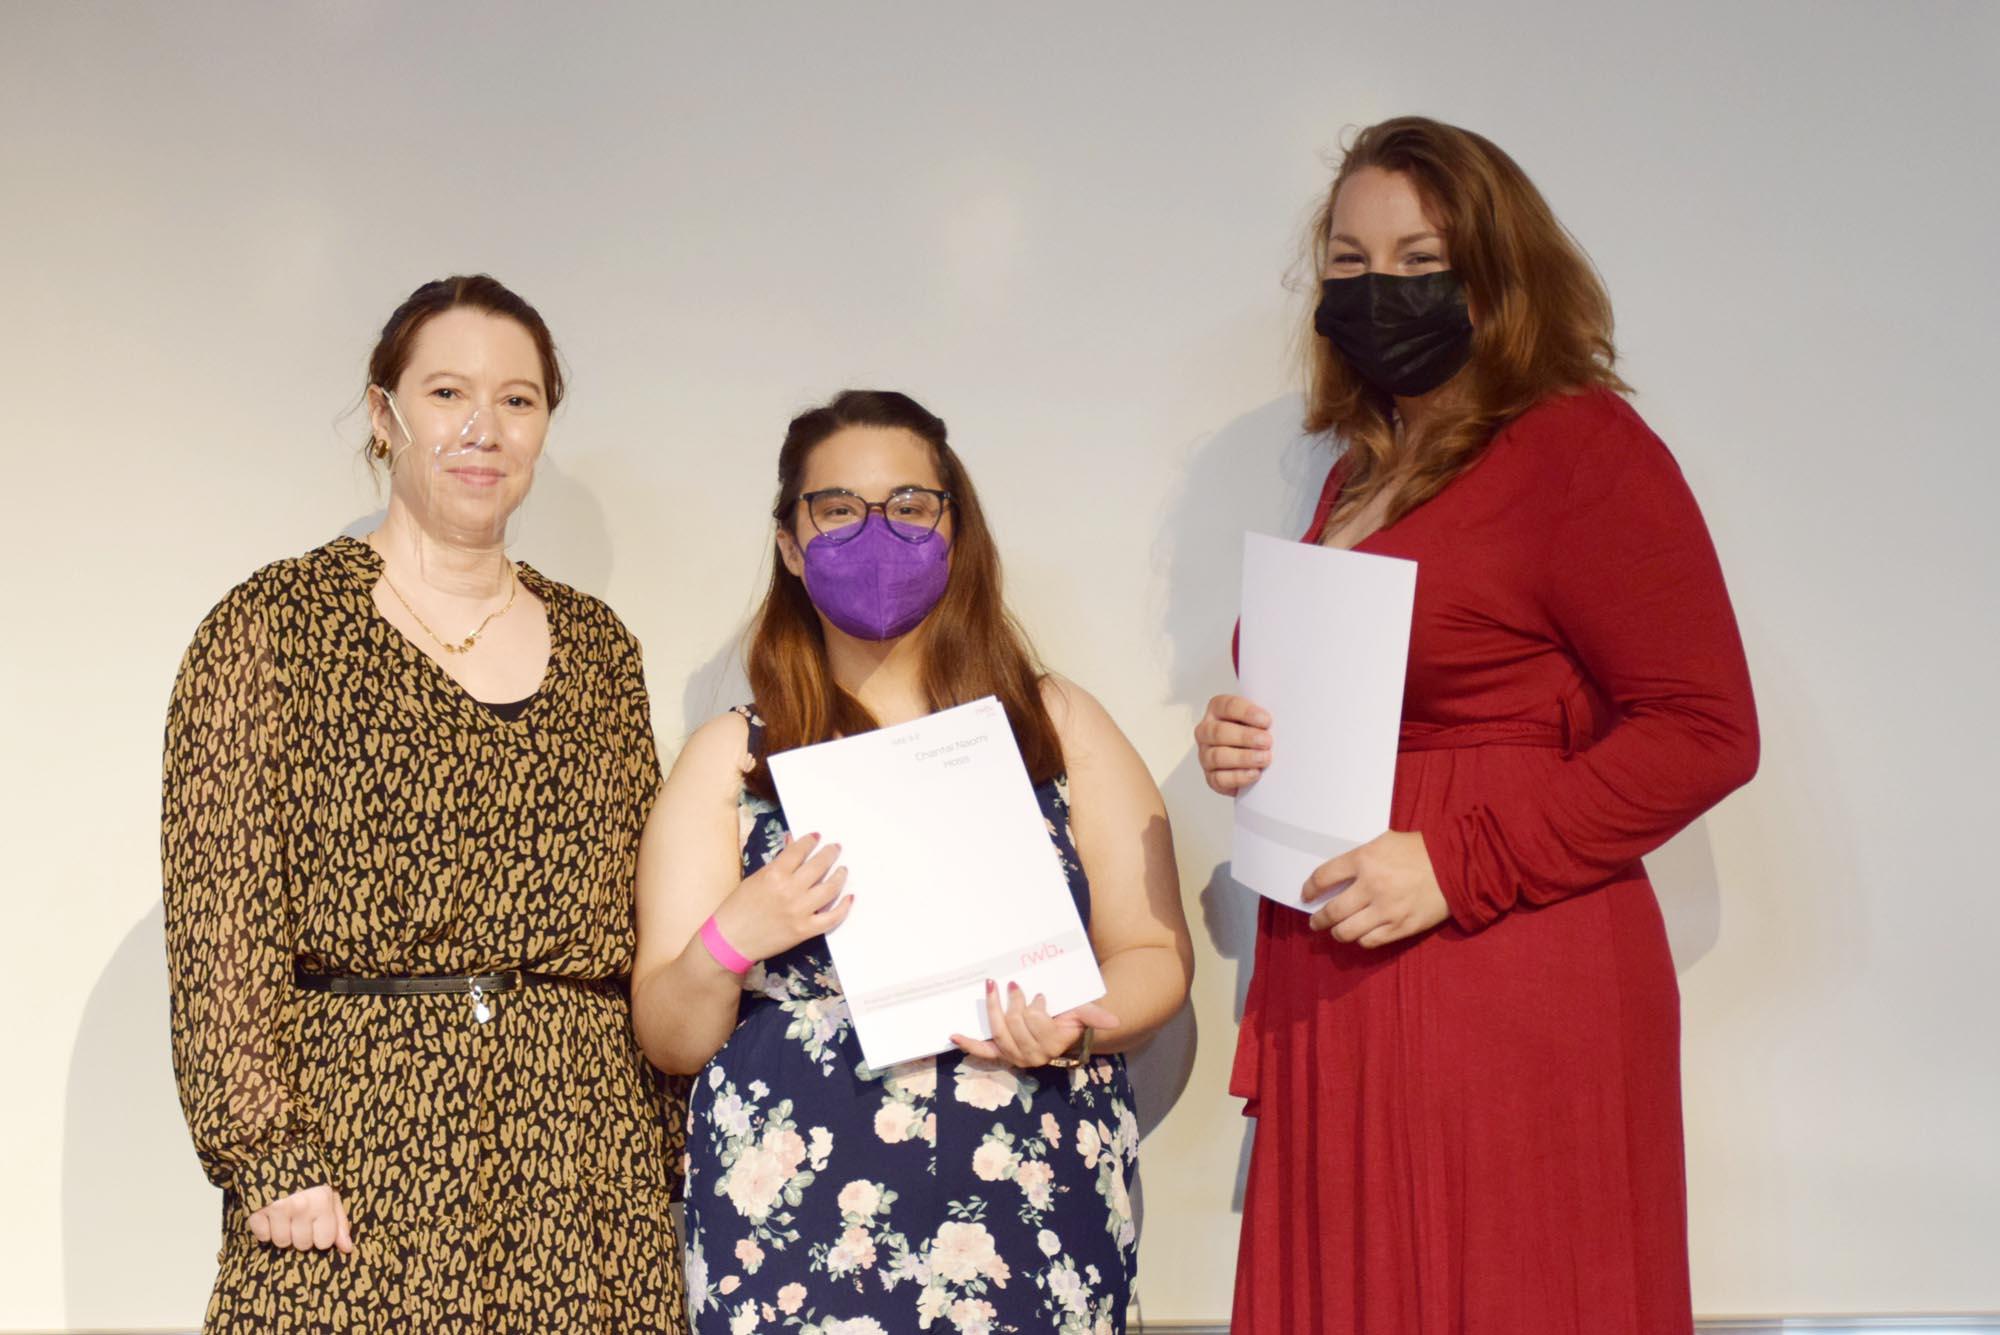 RWB Essen - Abiturfeier und Fachabiturfeier im Juni 2021 - Abitur-Abschlussklasse mit ihrer Klassenlehrerin